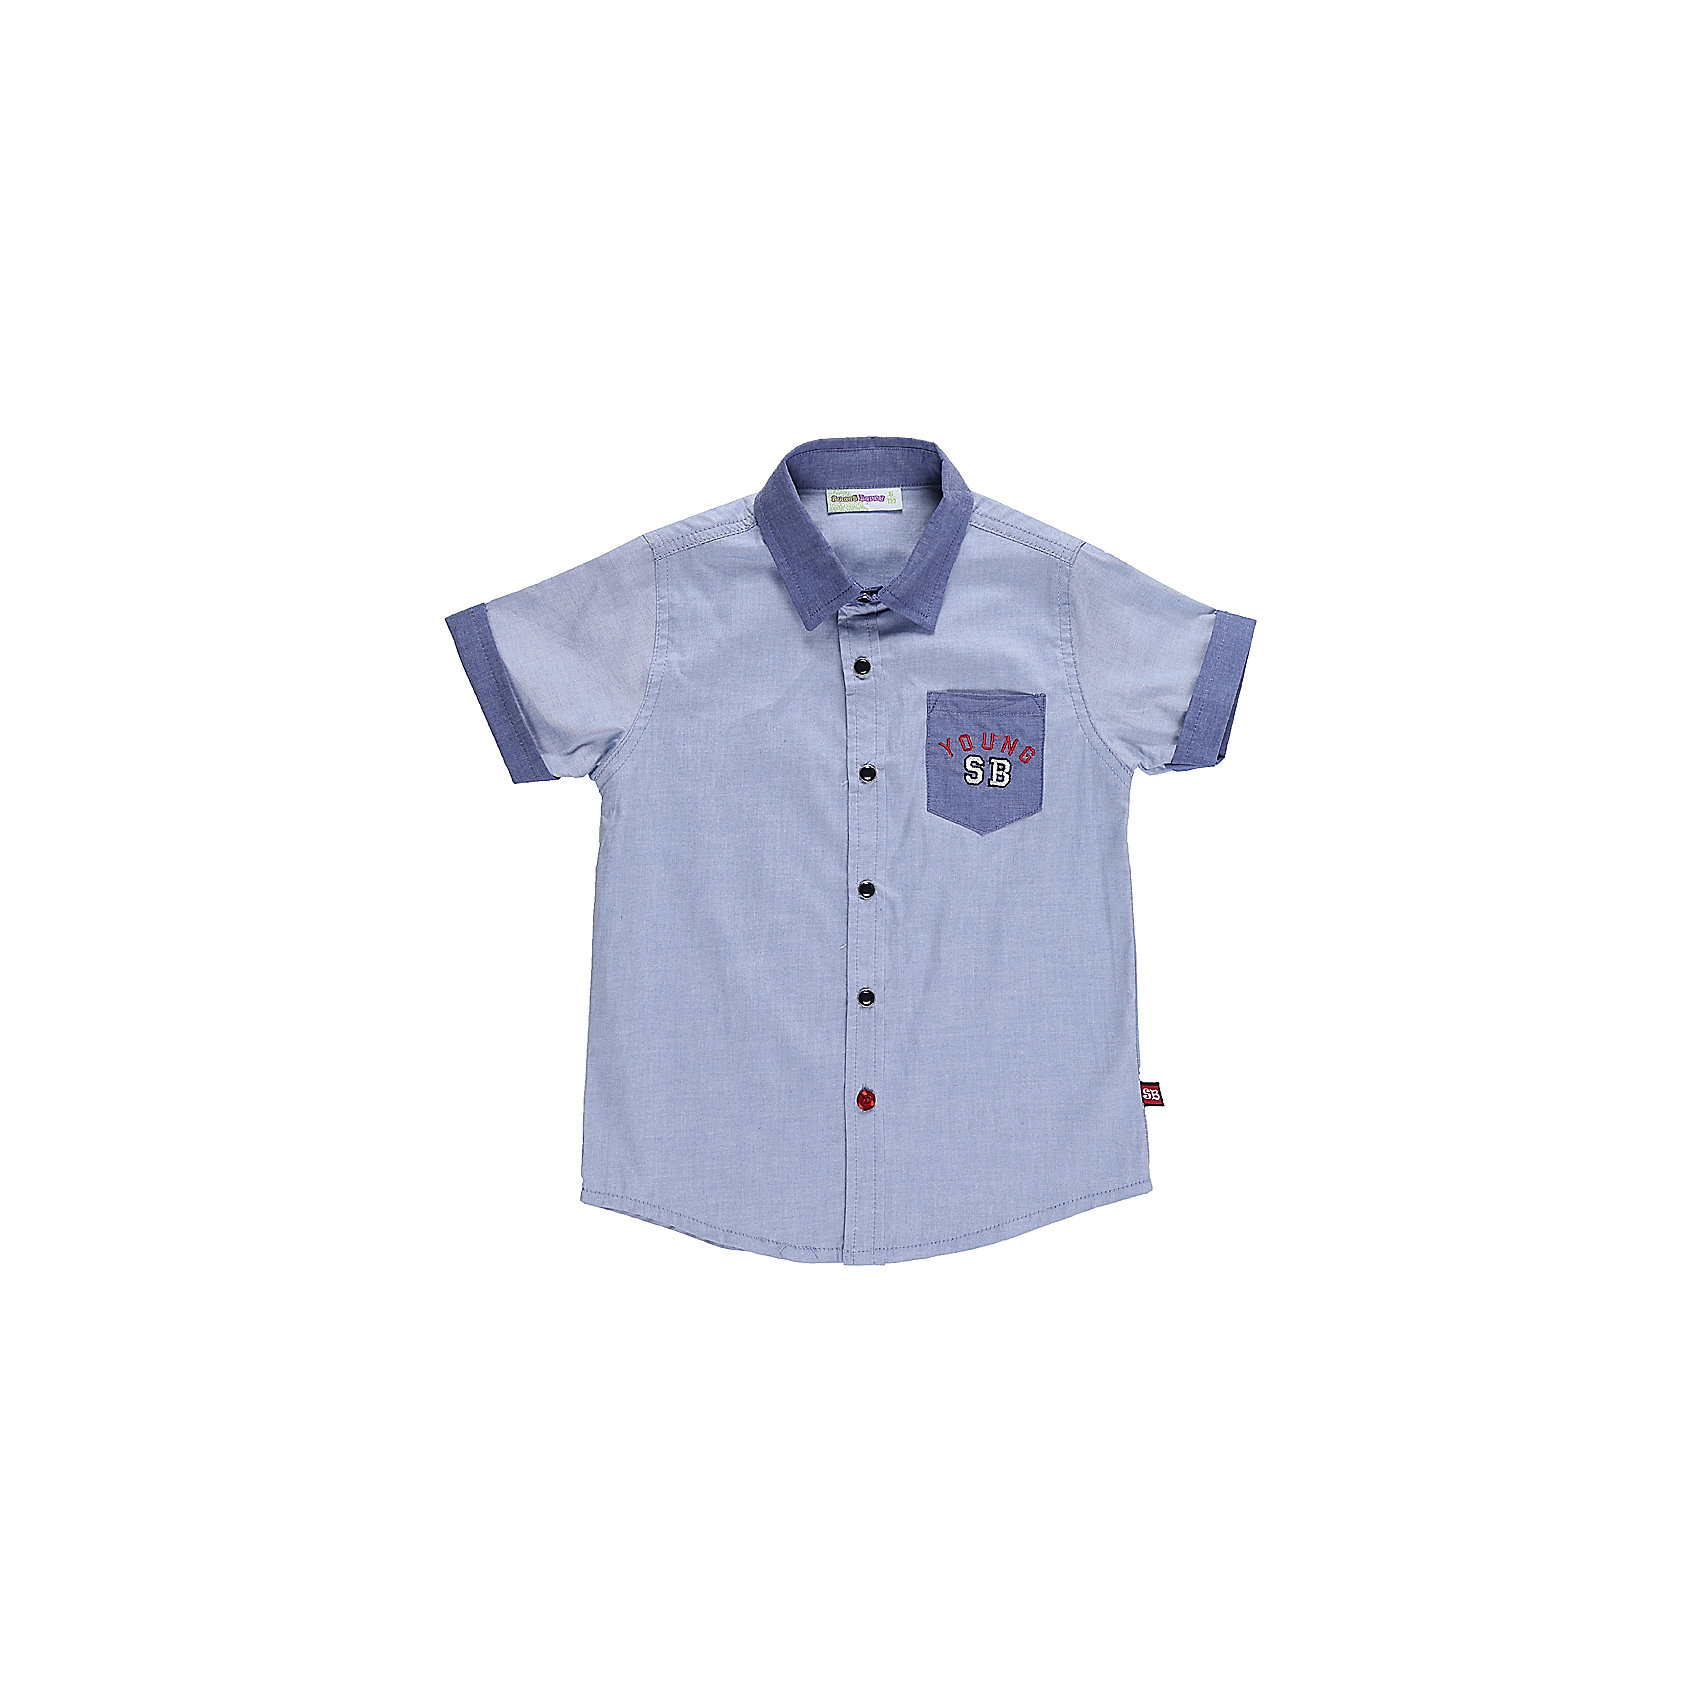 Рубашка для мальчика Sweet BerryБлузки и рубашки<br>Текстильная рубашка из хлопка для мальчика. Короткий рукав, накладной карман на левой полочке. Застегивается на кнопки. Отложной воротничок.<br>Состав:<br>100%хлопок<br><br>Ширина мм: 174<br>Глубина мм: 10<br>Высота мм: 169<br>Вес г: 157<br>Цвет: голубой<br>Возраст от месяцев: 24<br>Возраст до месяцев: 36<br>Пол: Мужской<br>Возраст: Детский<br>Размер: 98,104,128,122,116,110<br>SKU: 5410623